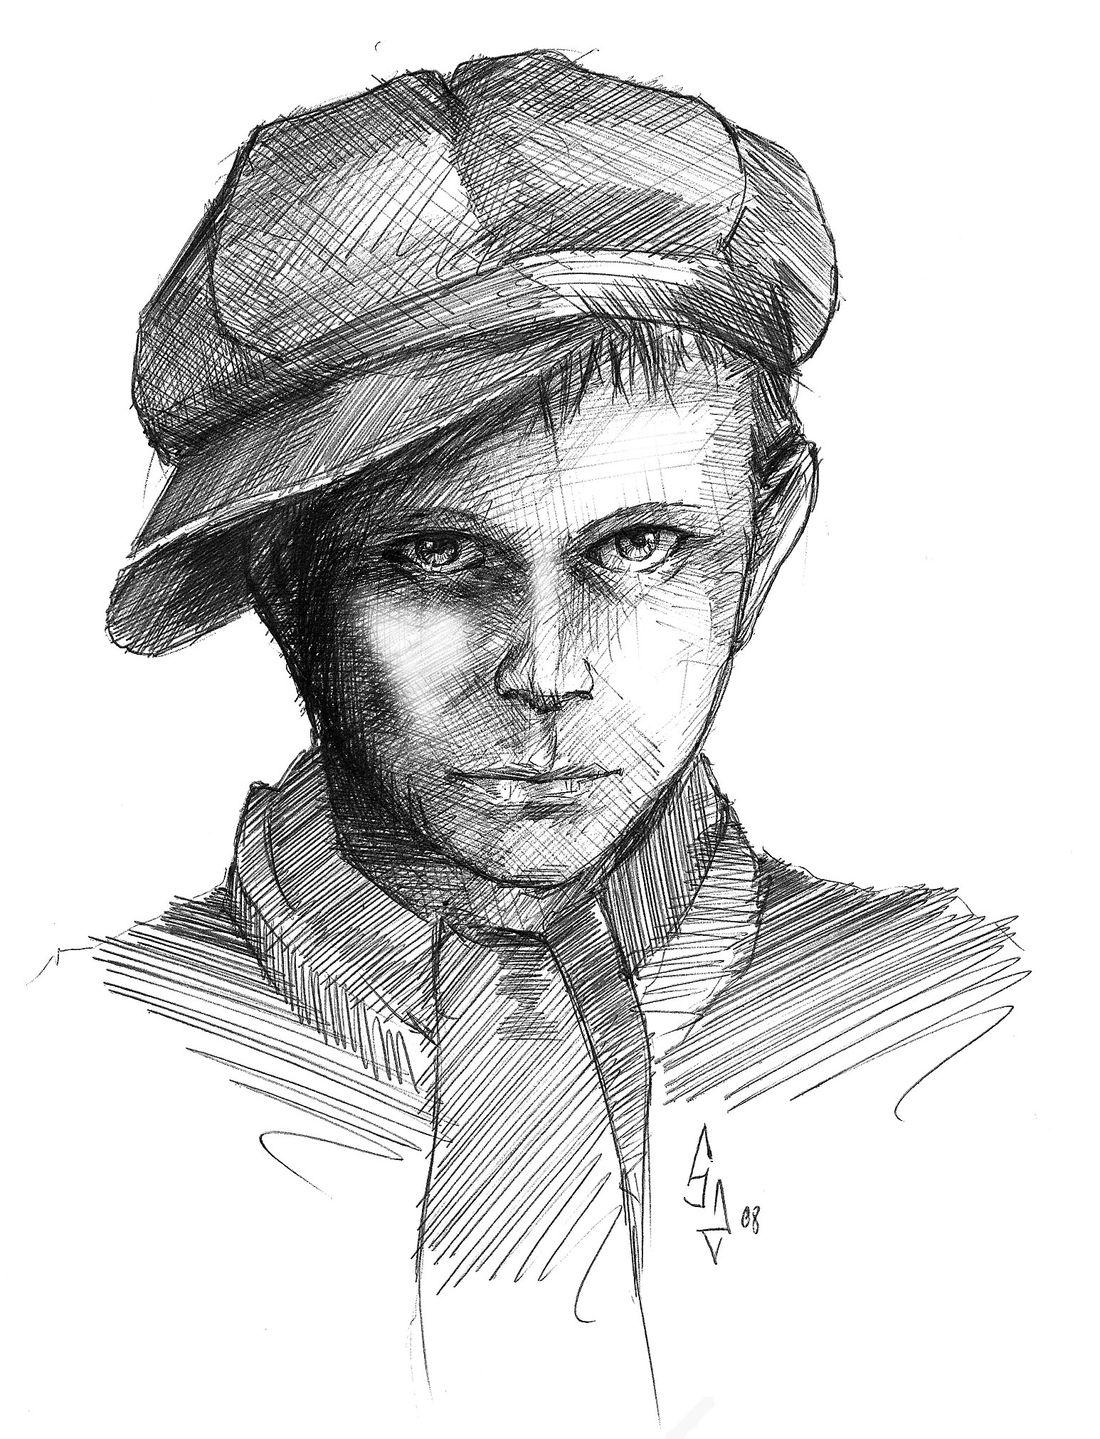 Aube de Sang, illustrations d'un Gavroche de la Commune © Edition Sycko / Sylvain Soumille